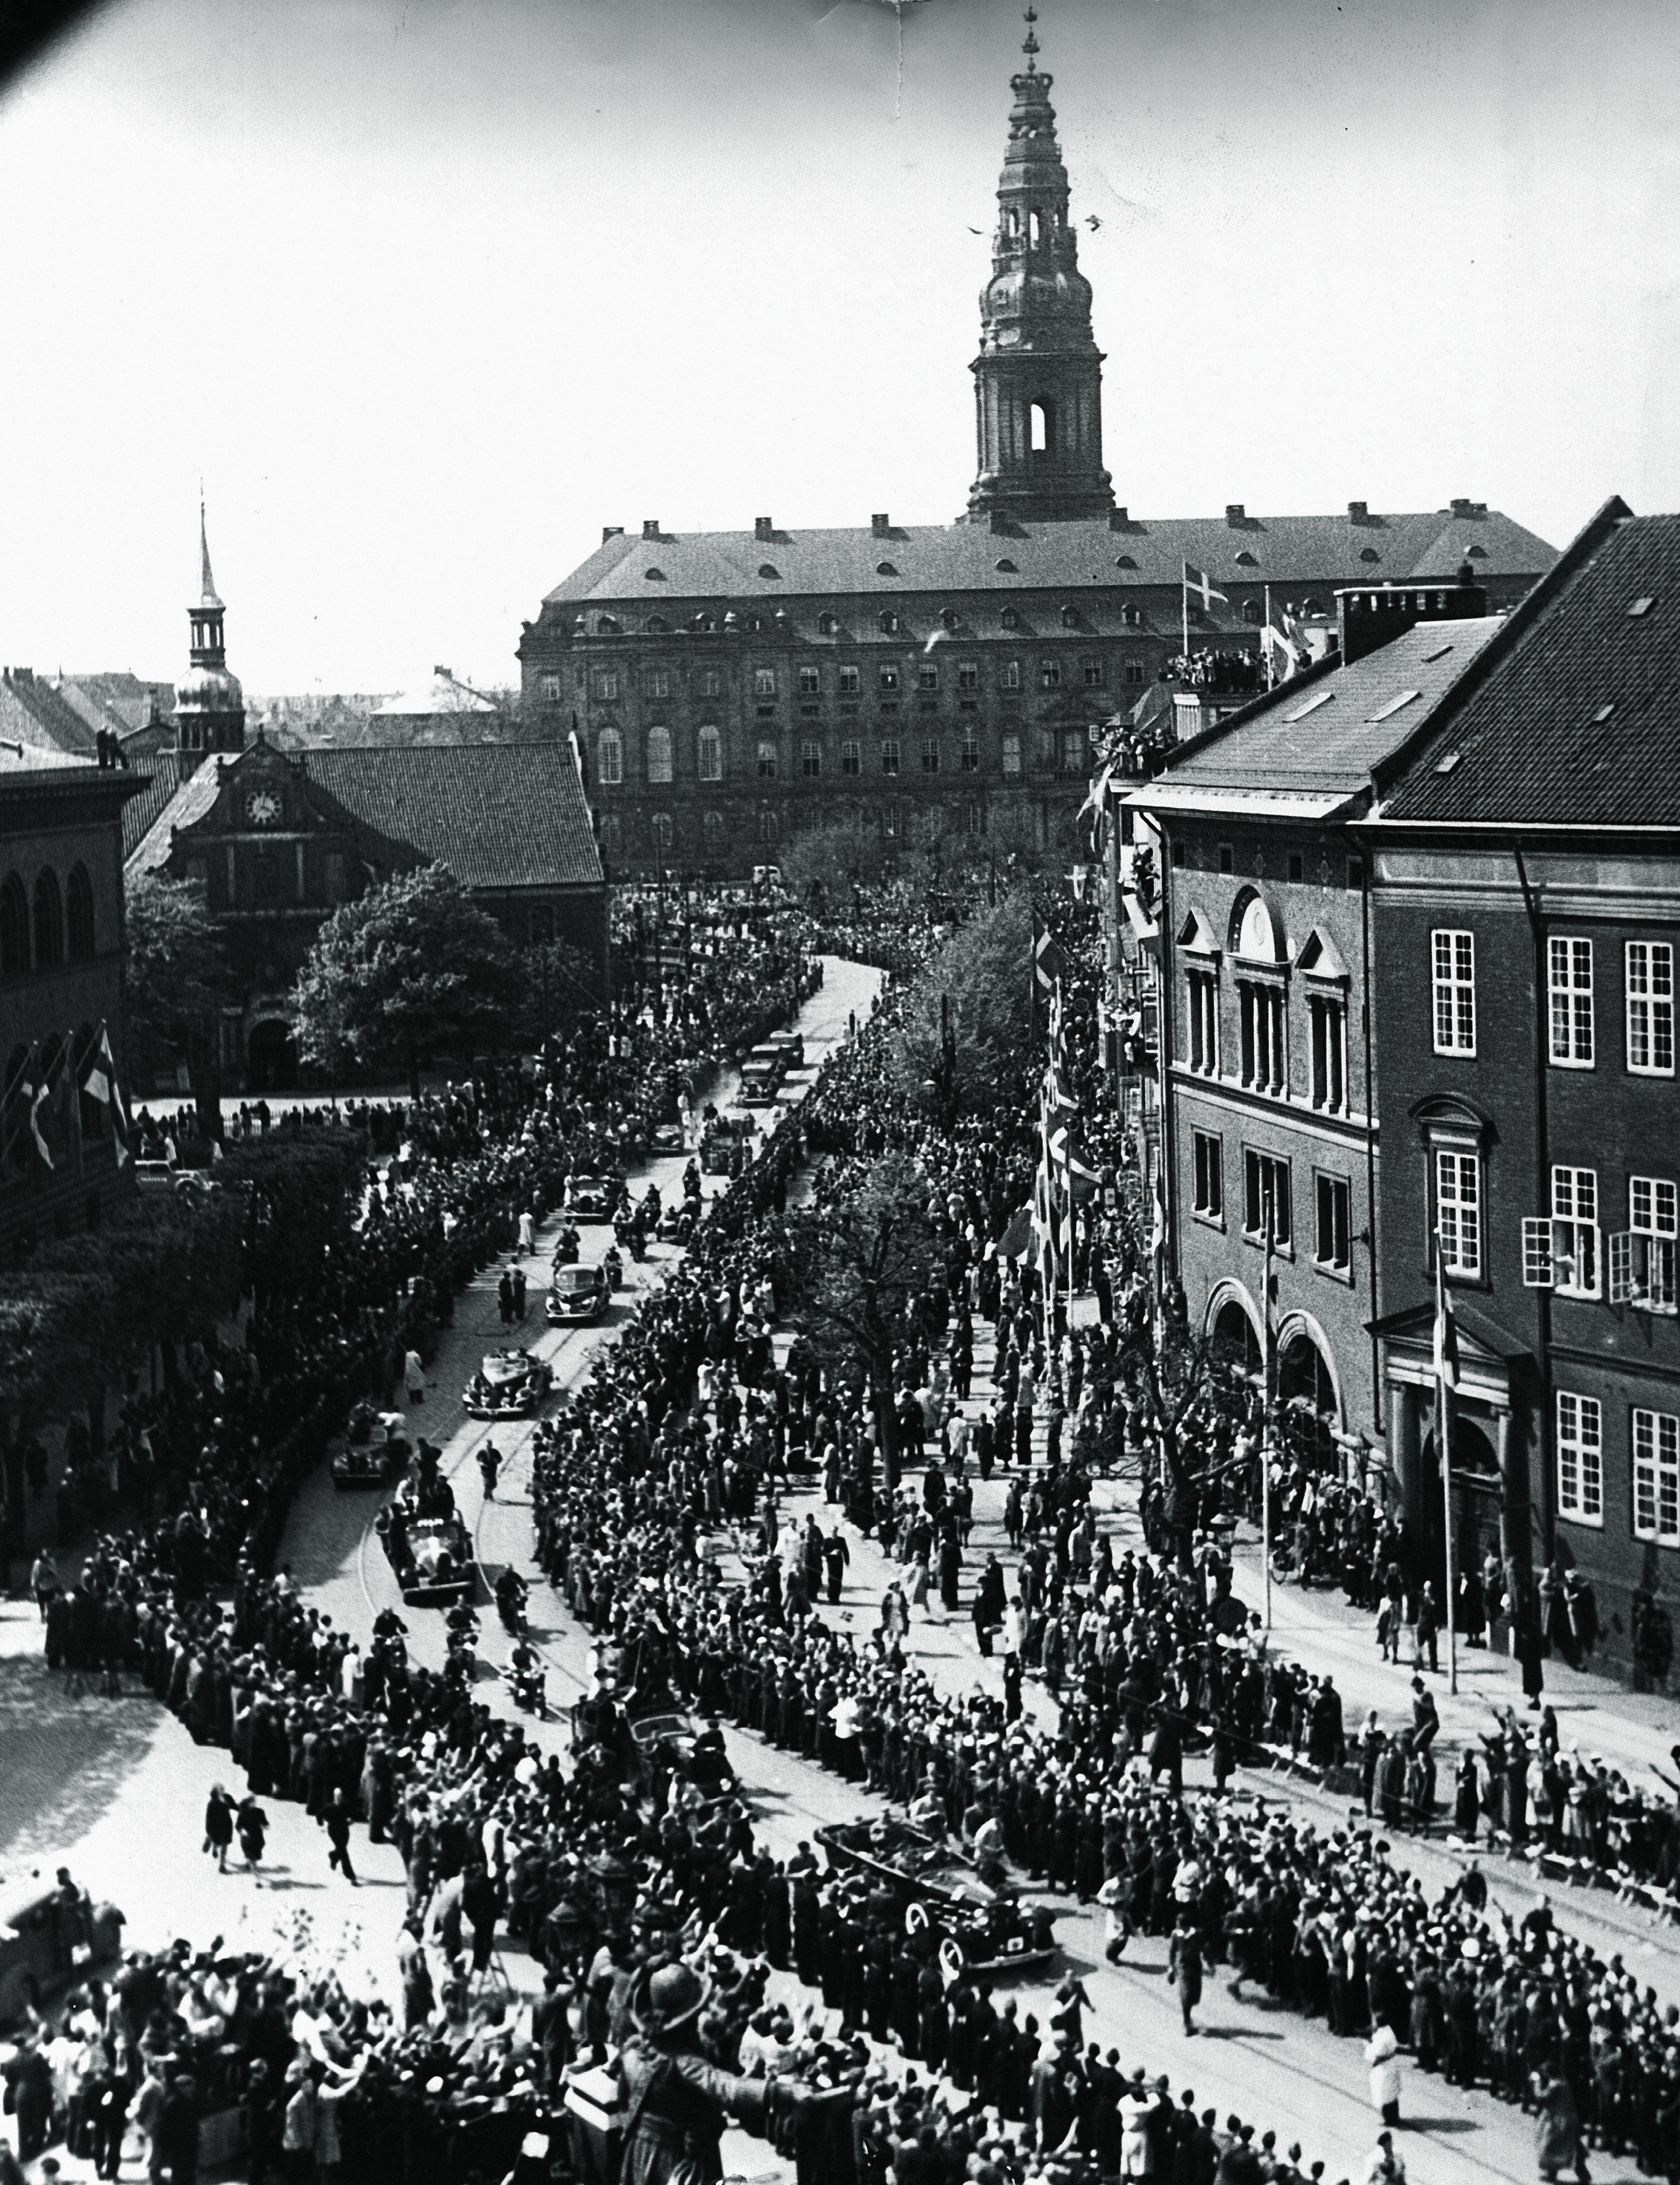 1945. Король Кристиан Х и королева Александрина покидают Кристиансборг после открытия Ригсдагена (датский парламент) 9 мая